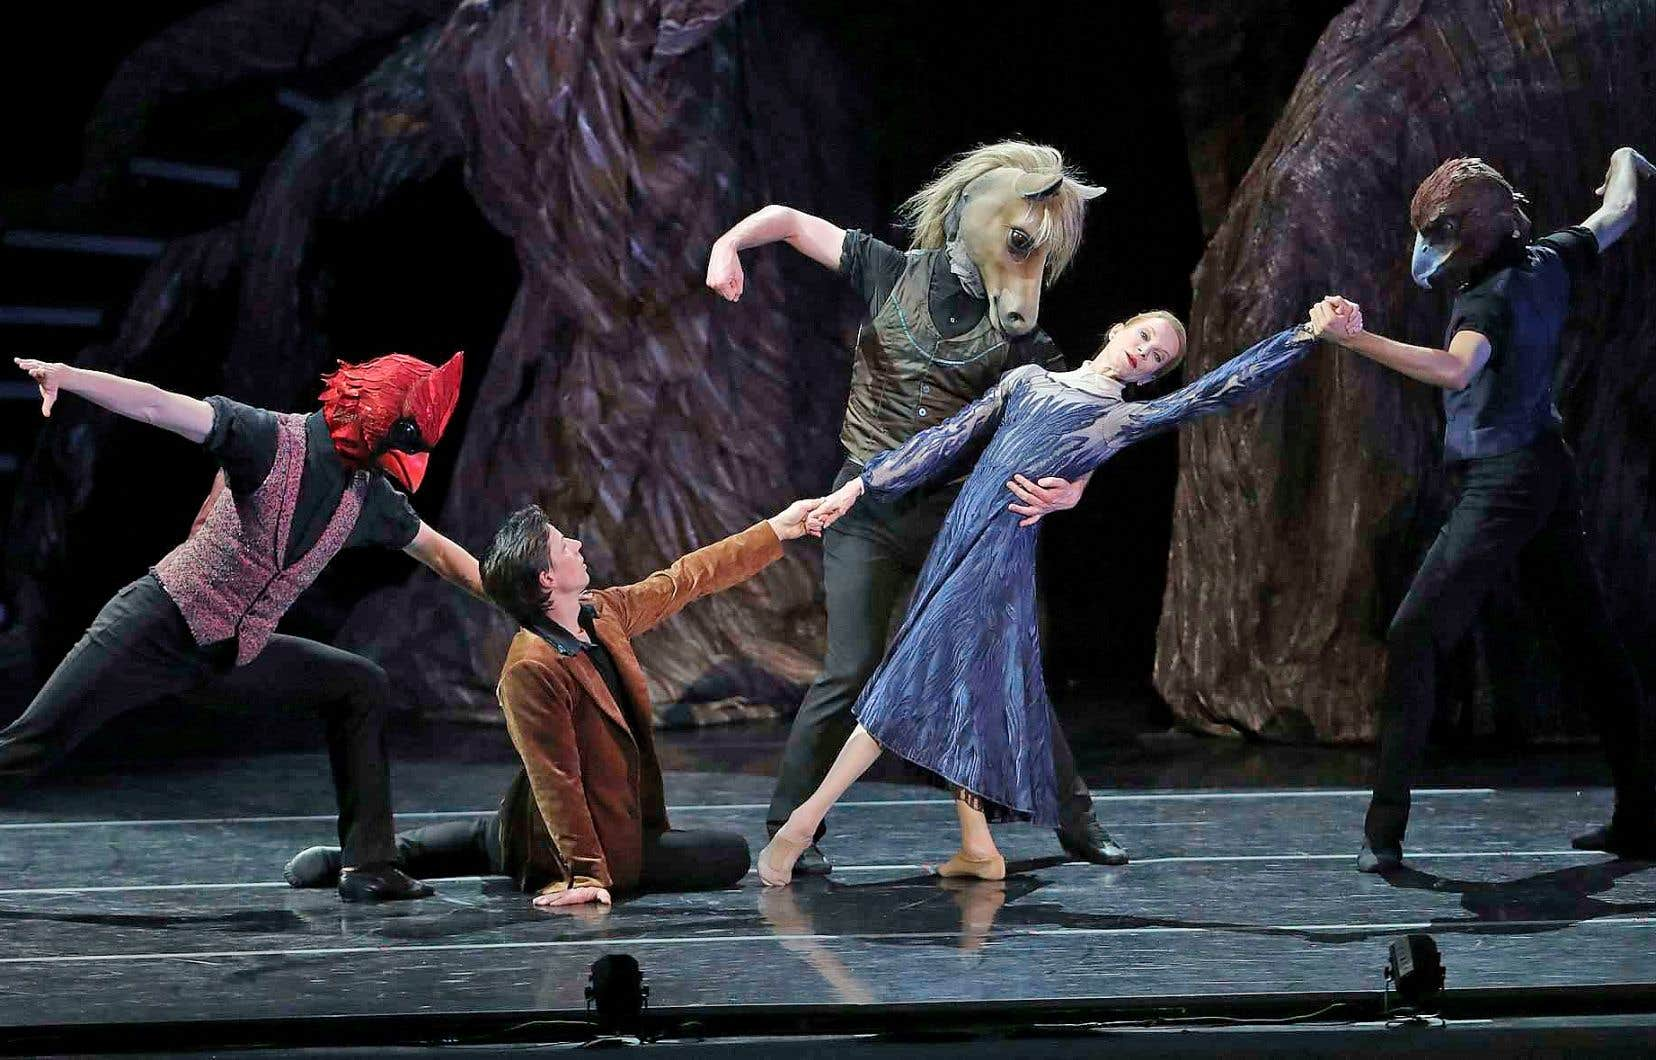 Dans «Vespers», Evelyn Hart est entourée de danseurs masqués, un peu seule et un peu chamane d'un peuple mi-humain, mi-animal.